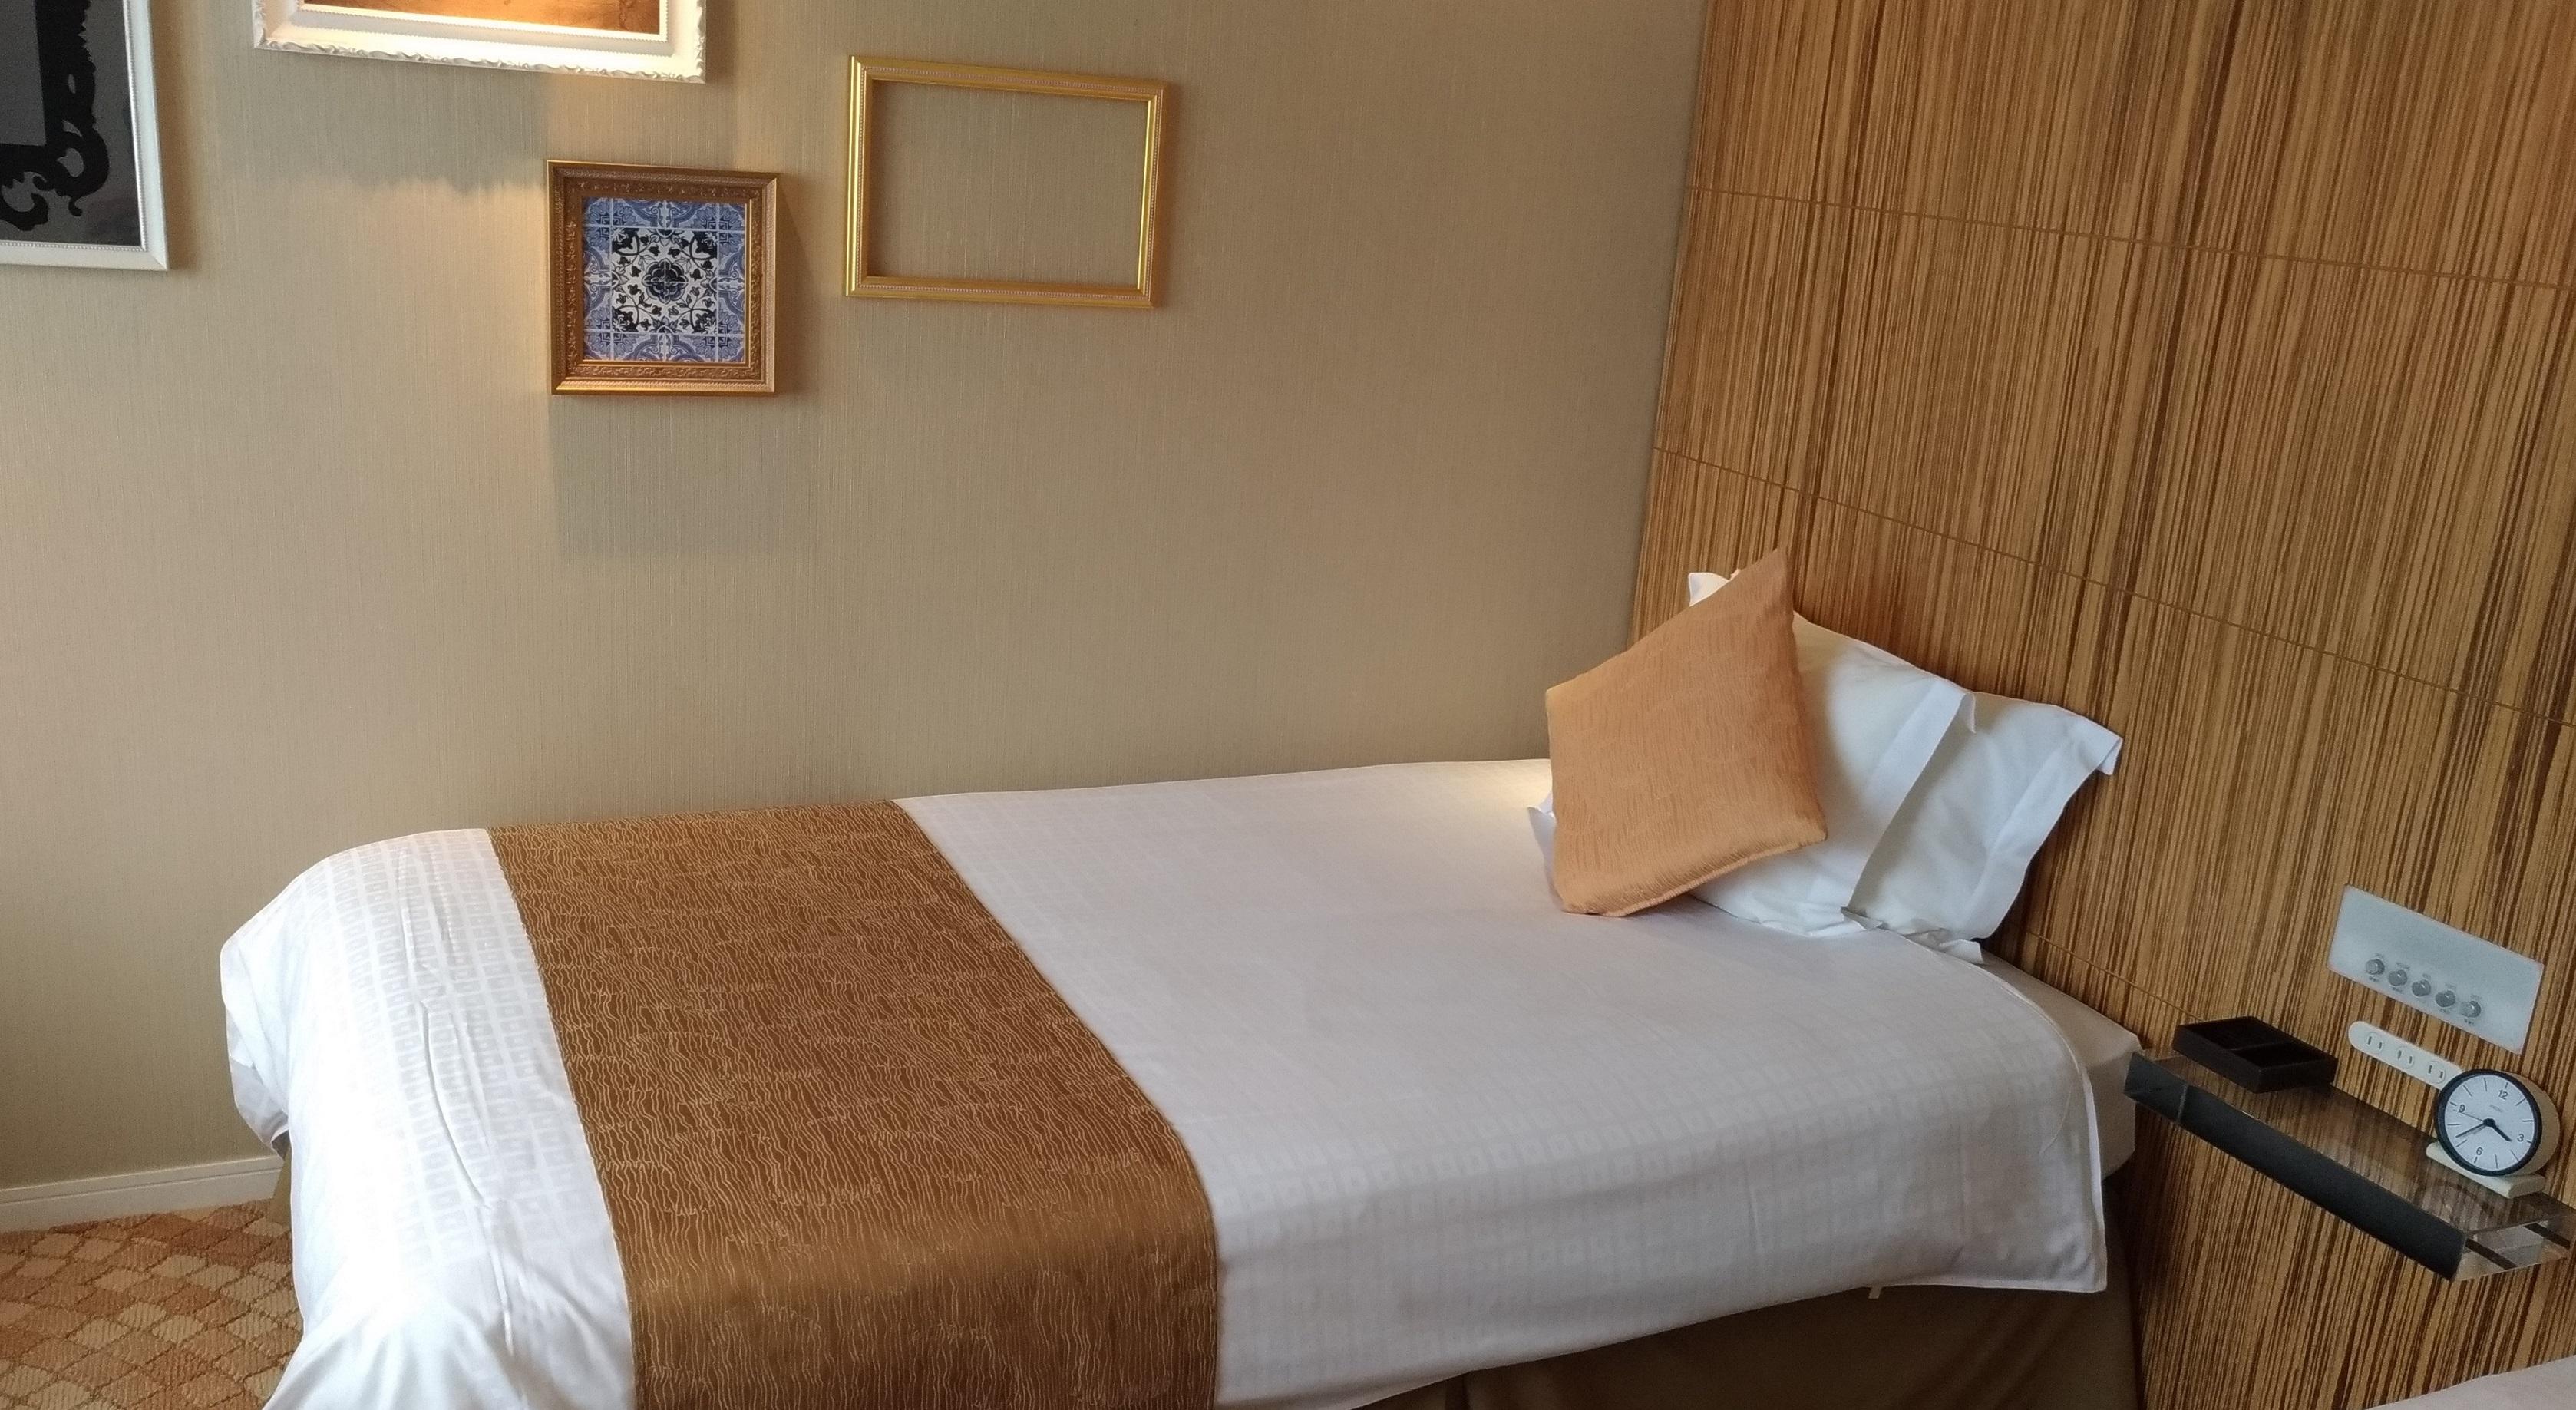 usj_osaka_hotel_universal_ports1016_2.jpg